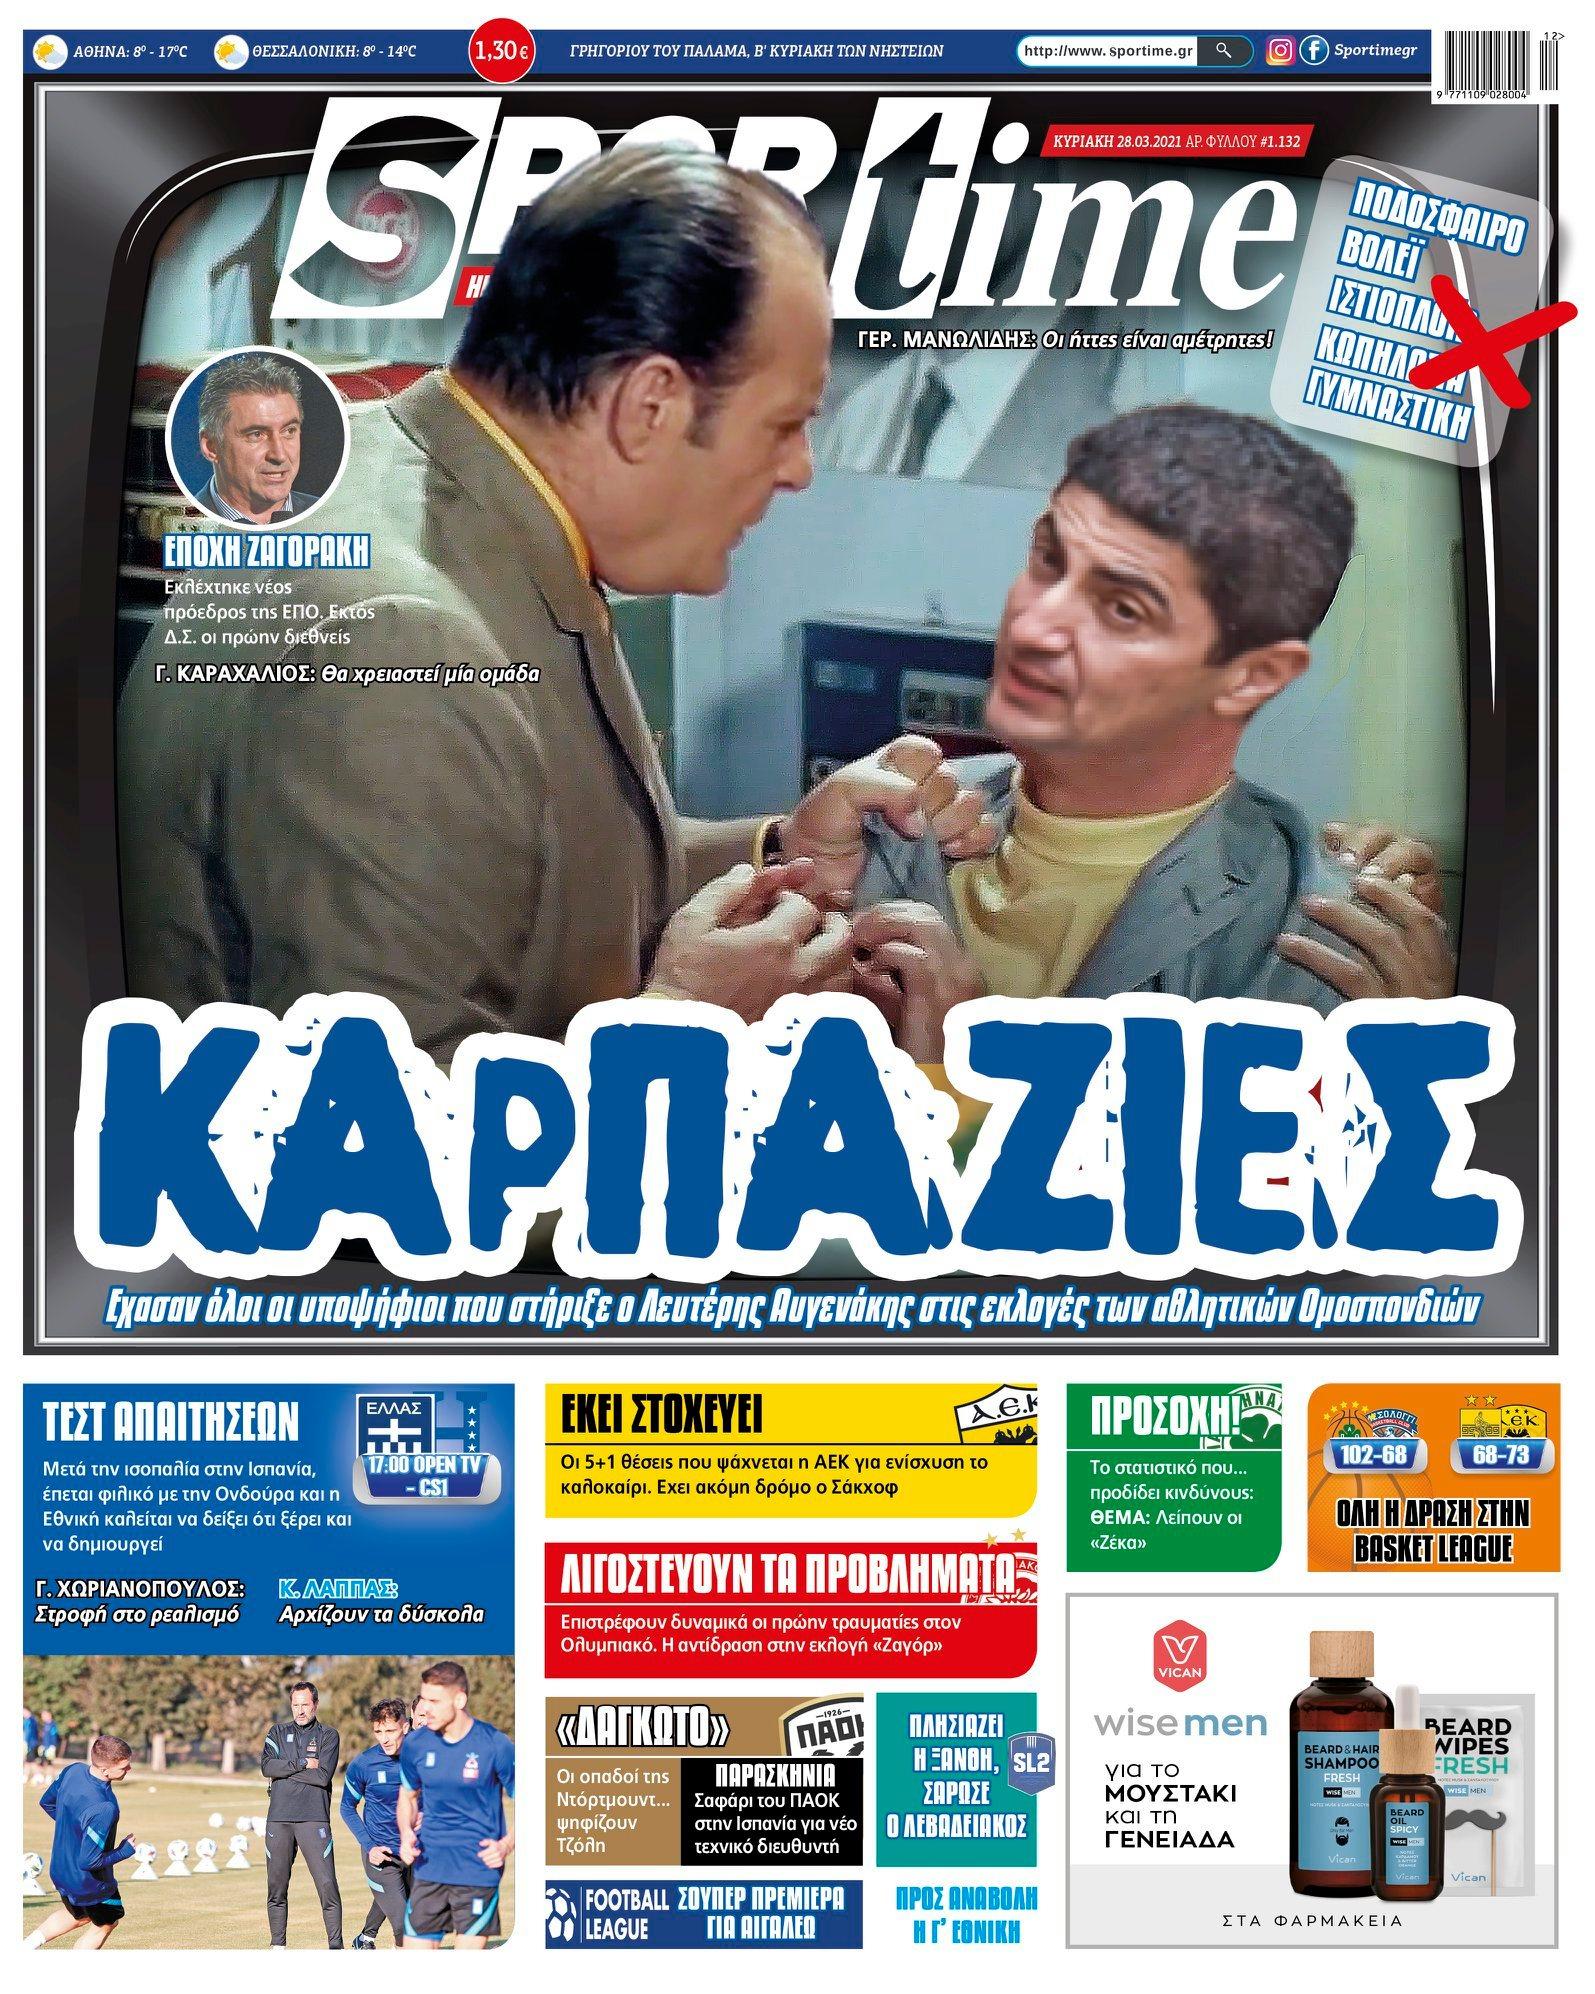 Εφημερίδα SPORTIME - Εξώφυλλο φύλλου 28/3/2021